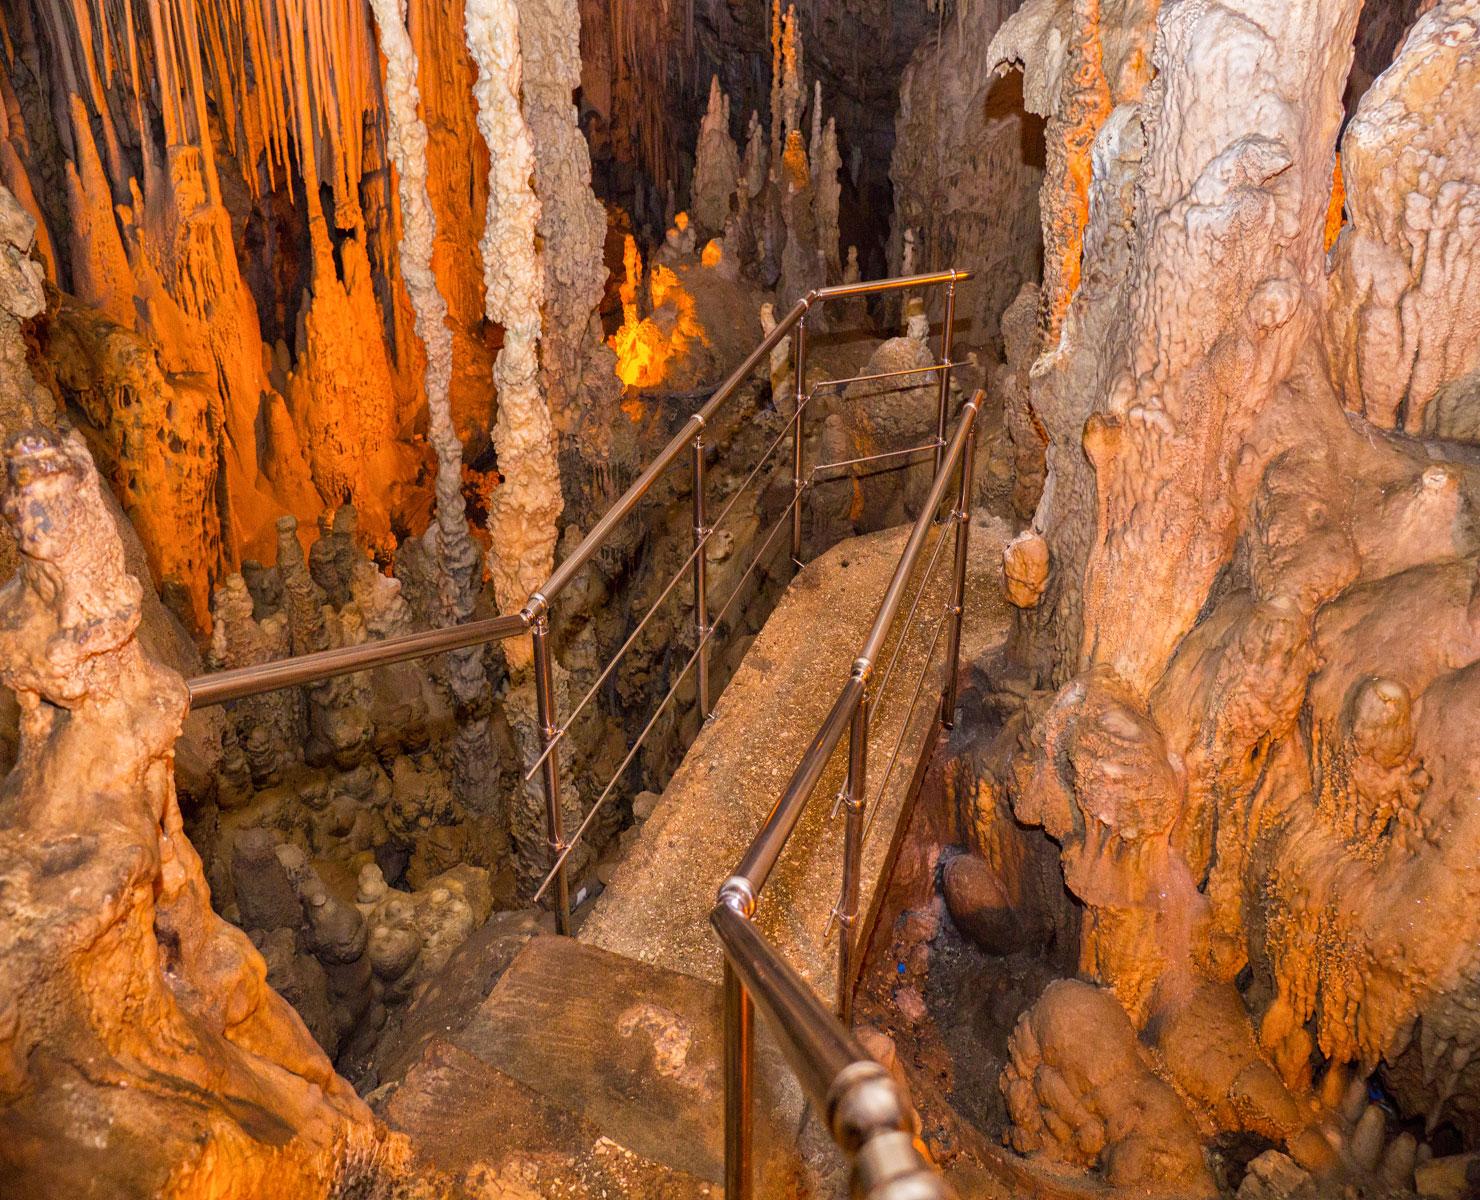 Σπήλαιο Περάματος: Tαξίδι στα έγκατα της γης